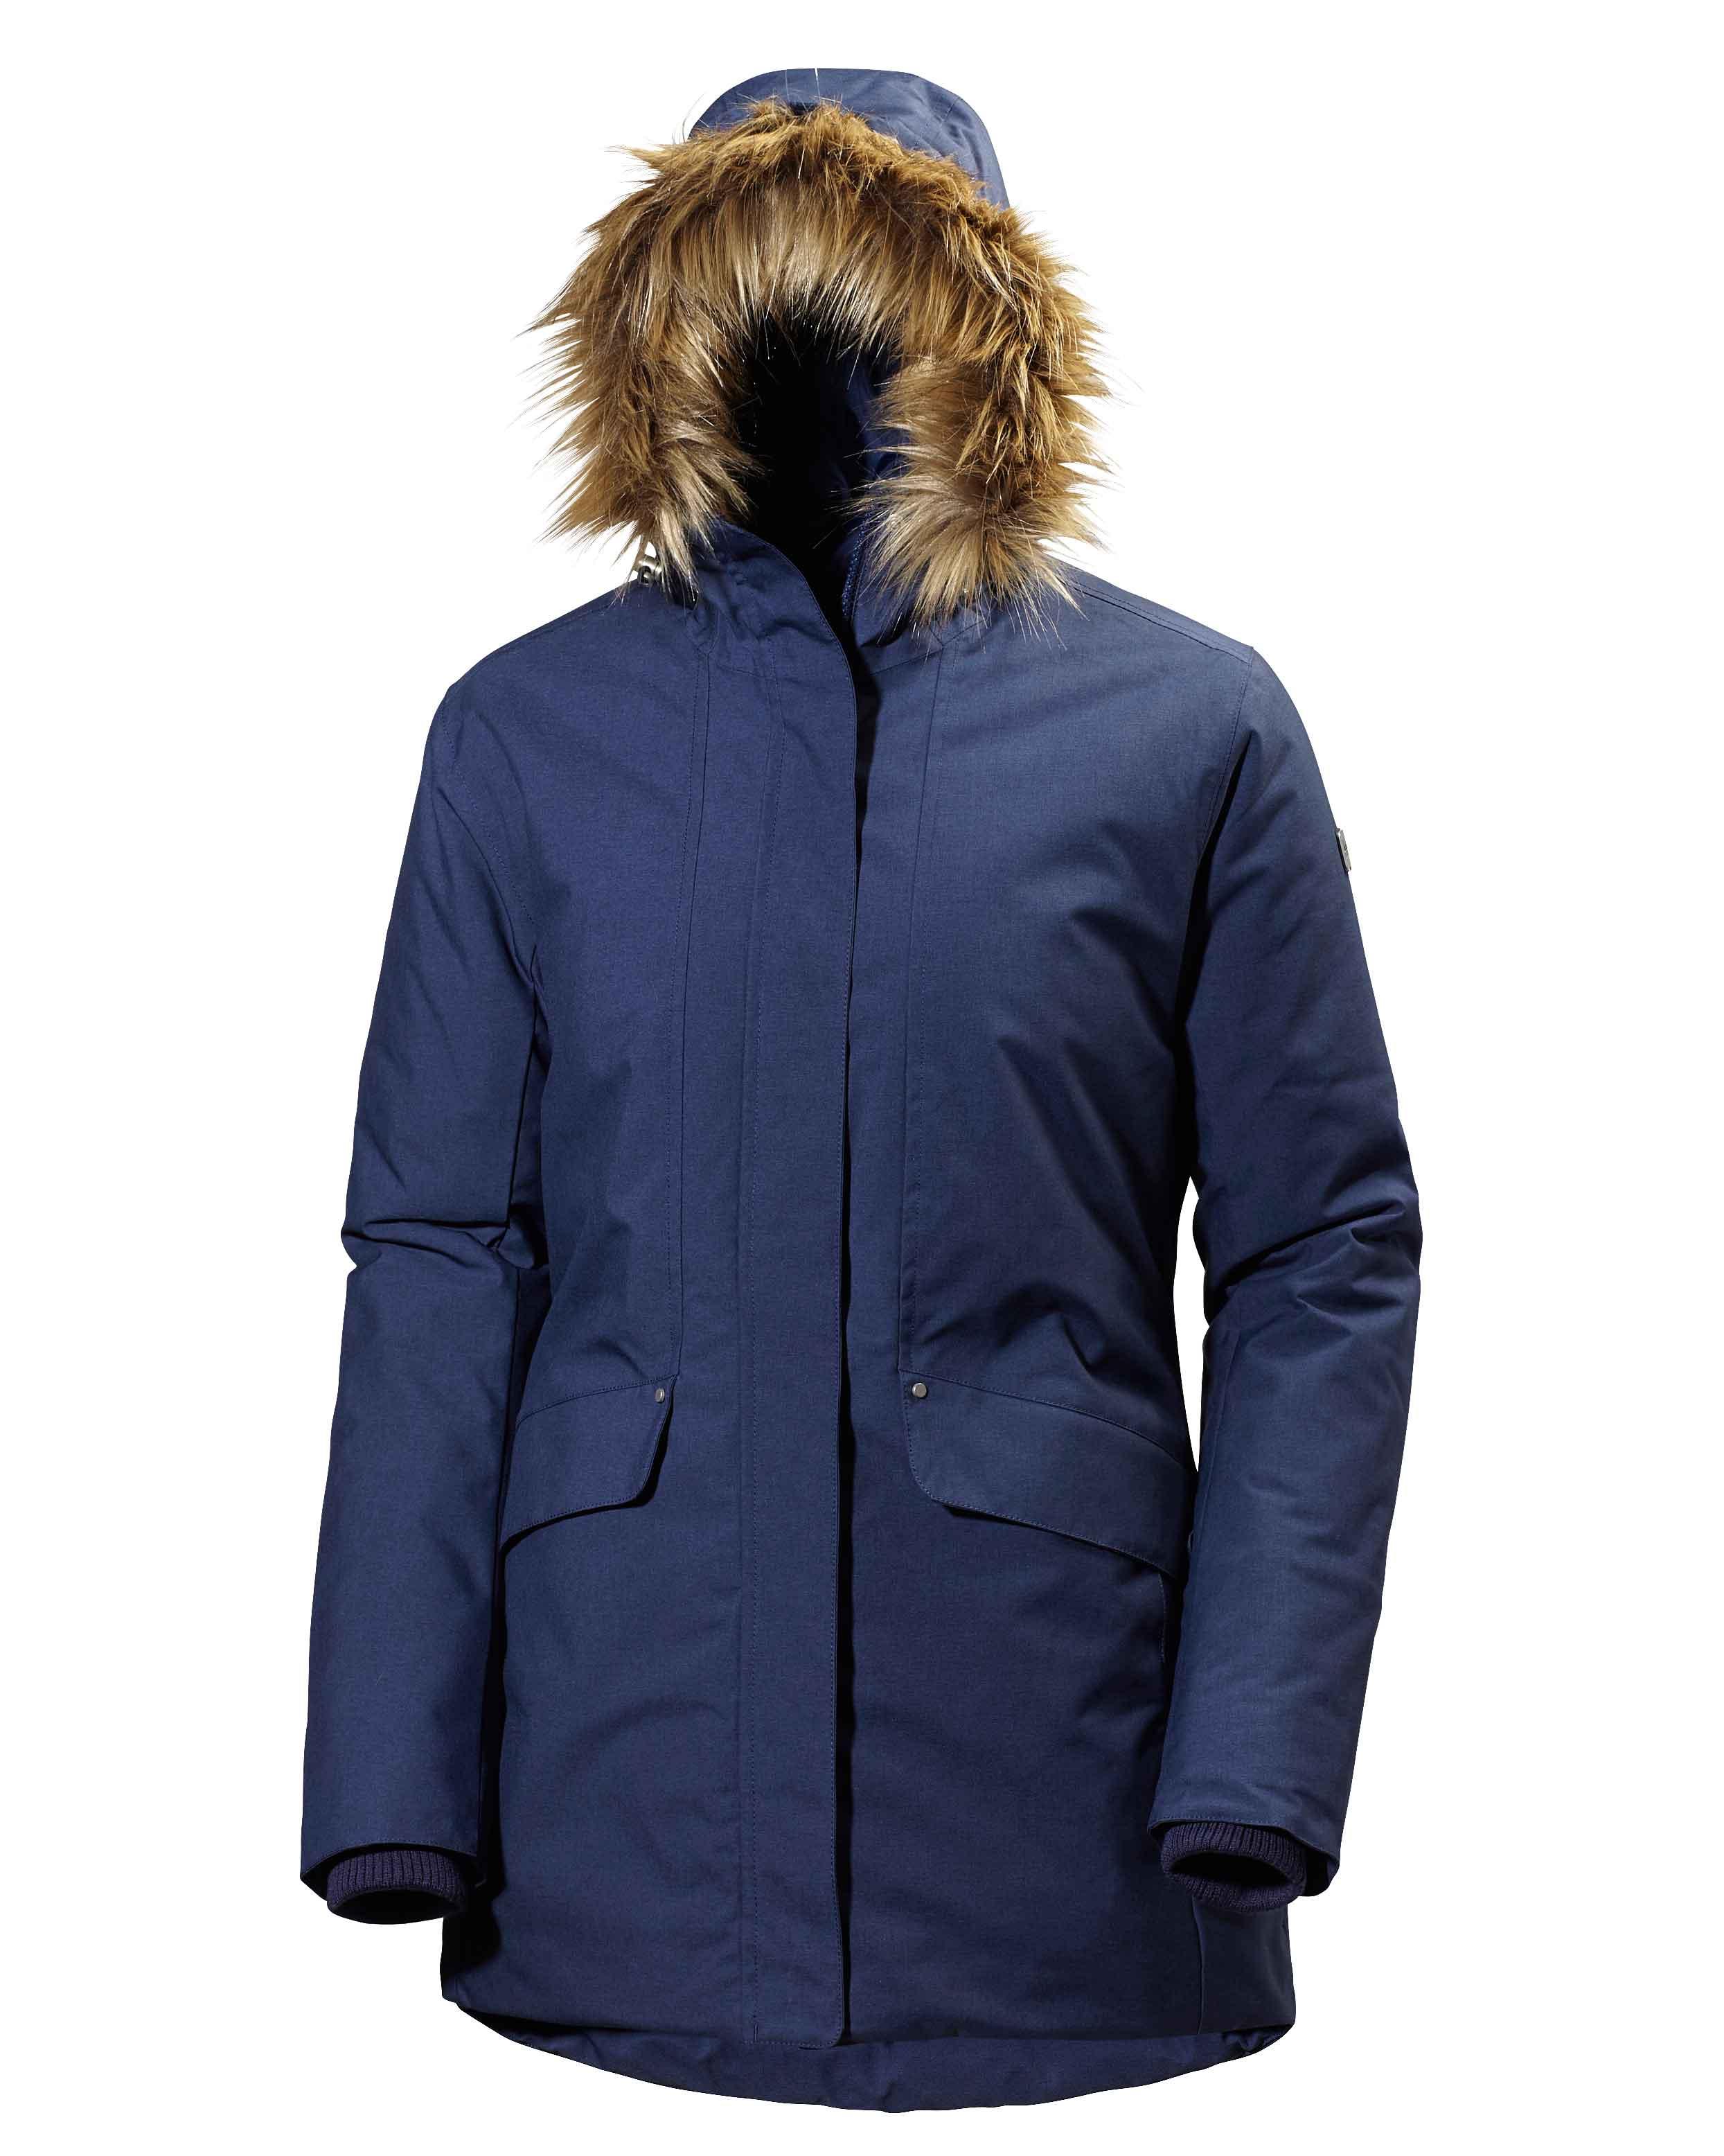 Helly Hansen Women Eira Jacket, Evening Blue Tights.no